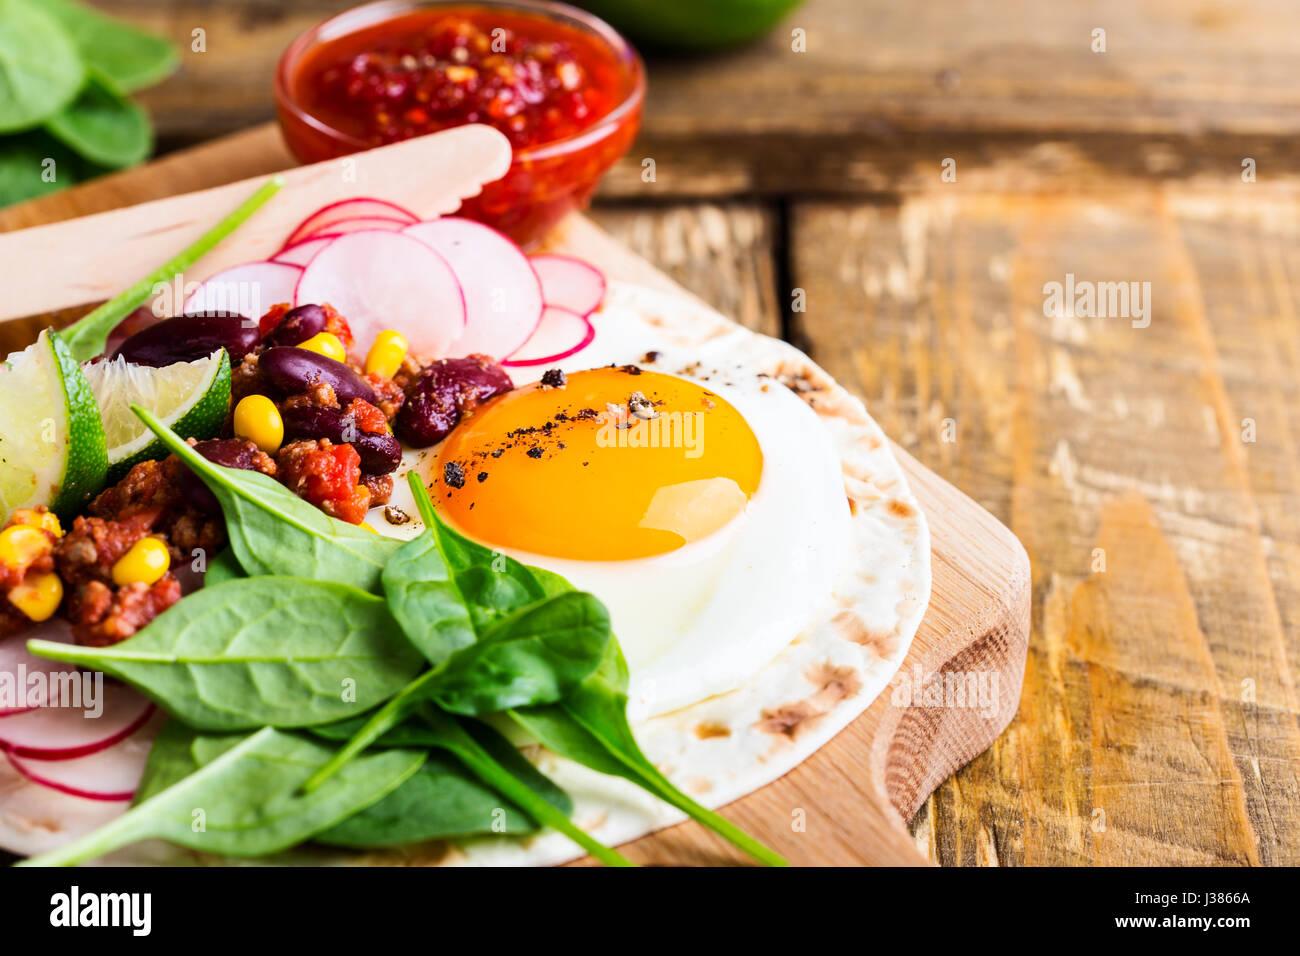 Huevo frito tacos con chili con carne en junta de corte rústico, comida tradicional mexicana Imagen De Stock